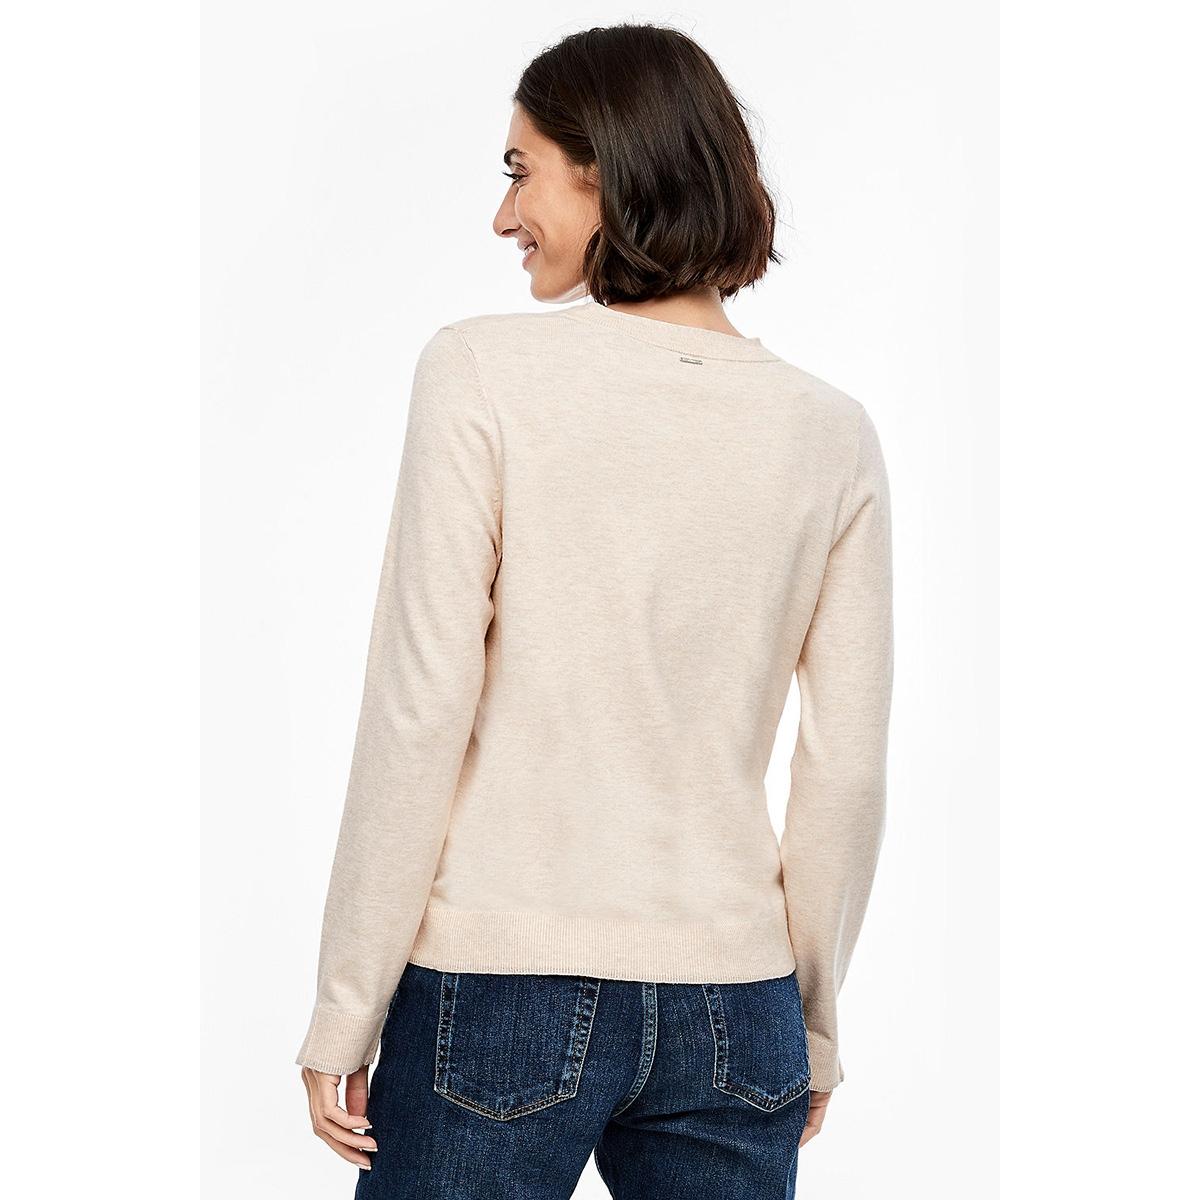 gemeleerde trui met v hals 14911616604 s.oliver trui 81w1